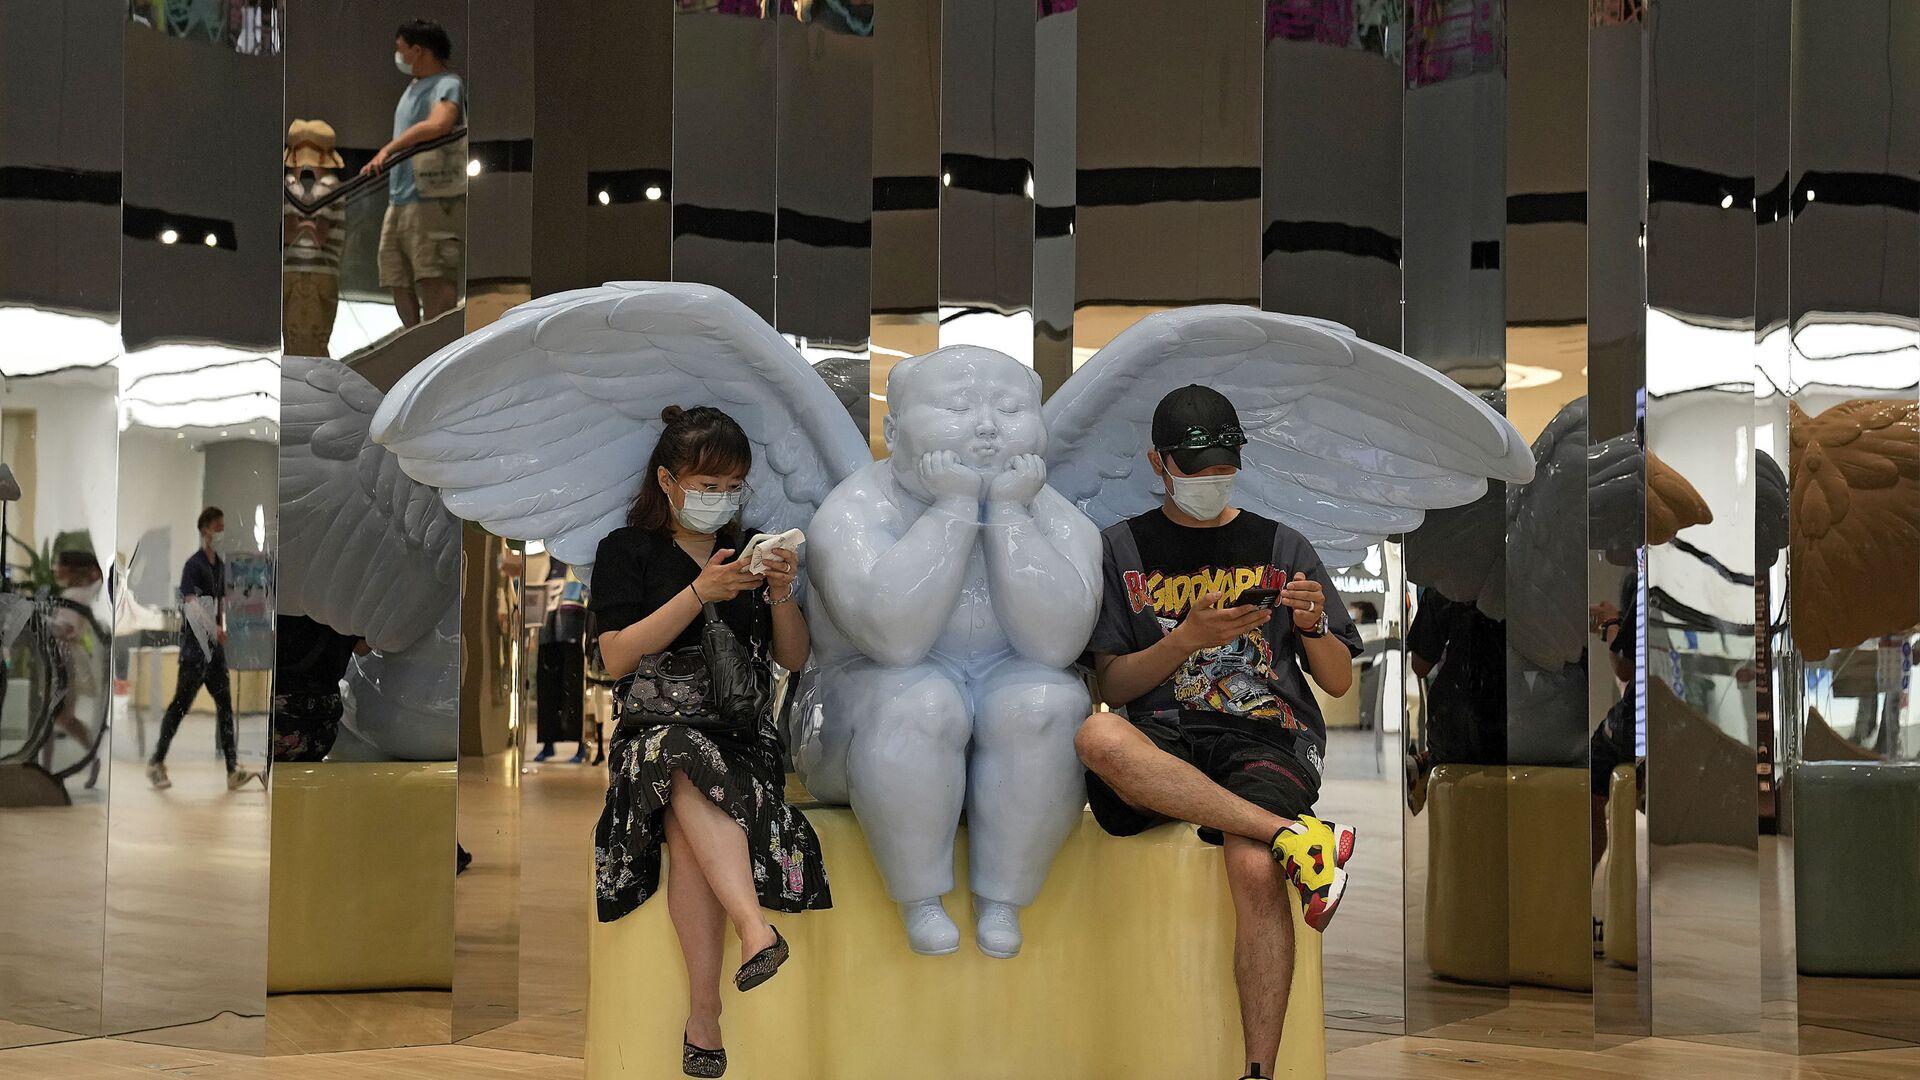 Посетители рядом со статуей ангела в торговом центре Пекина - Sputnik Italia, 1920, 25.06.2021